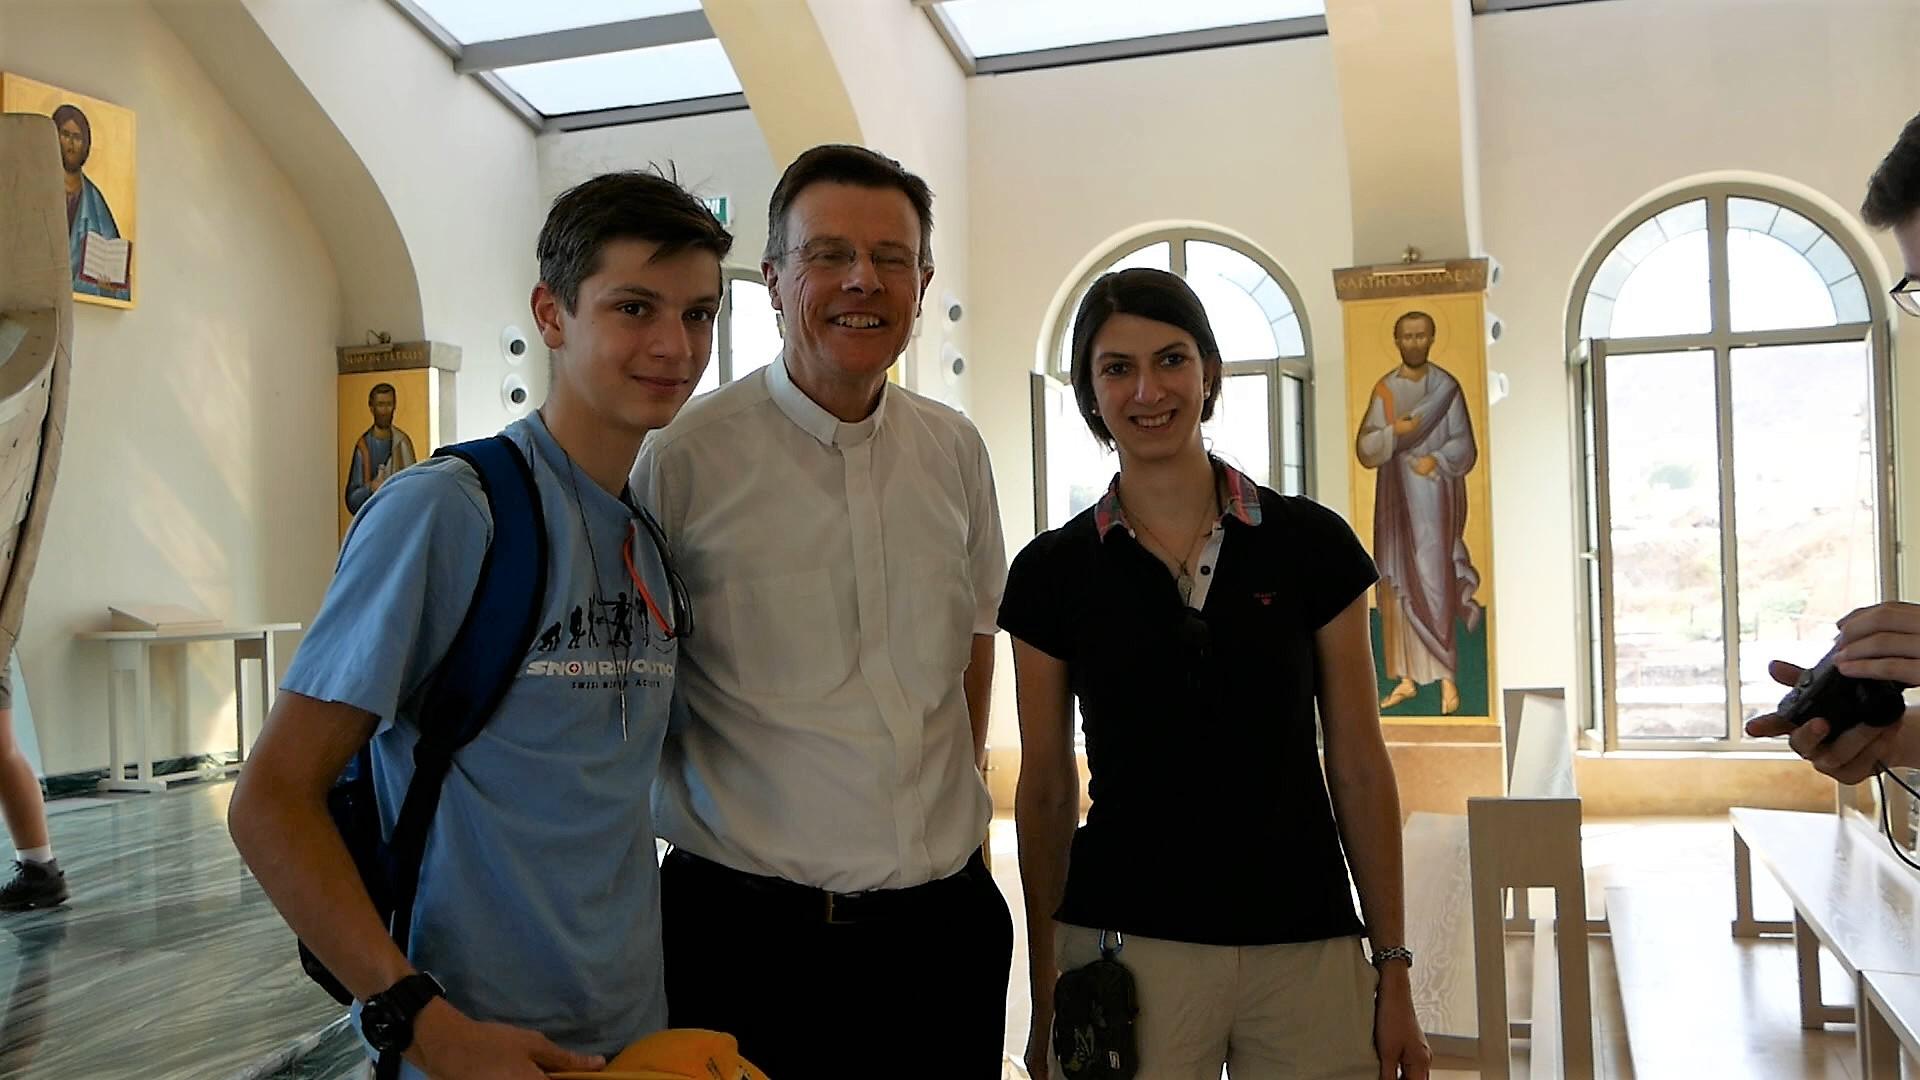 Die Tante von Felix (links) und Dominika von Plettenberg hat im Team der Gestaltung der Kirche mitgearbeitet - in der Mitte Pater Kelly